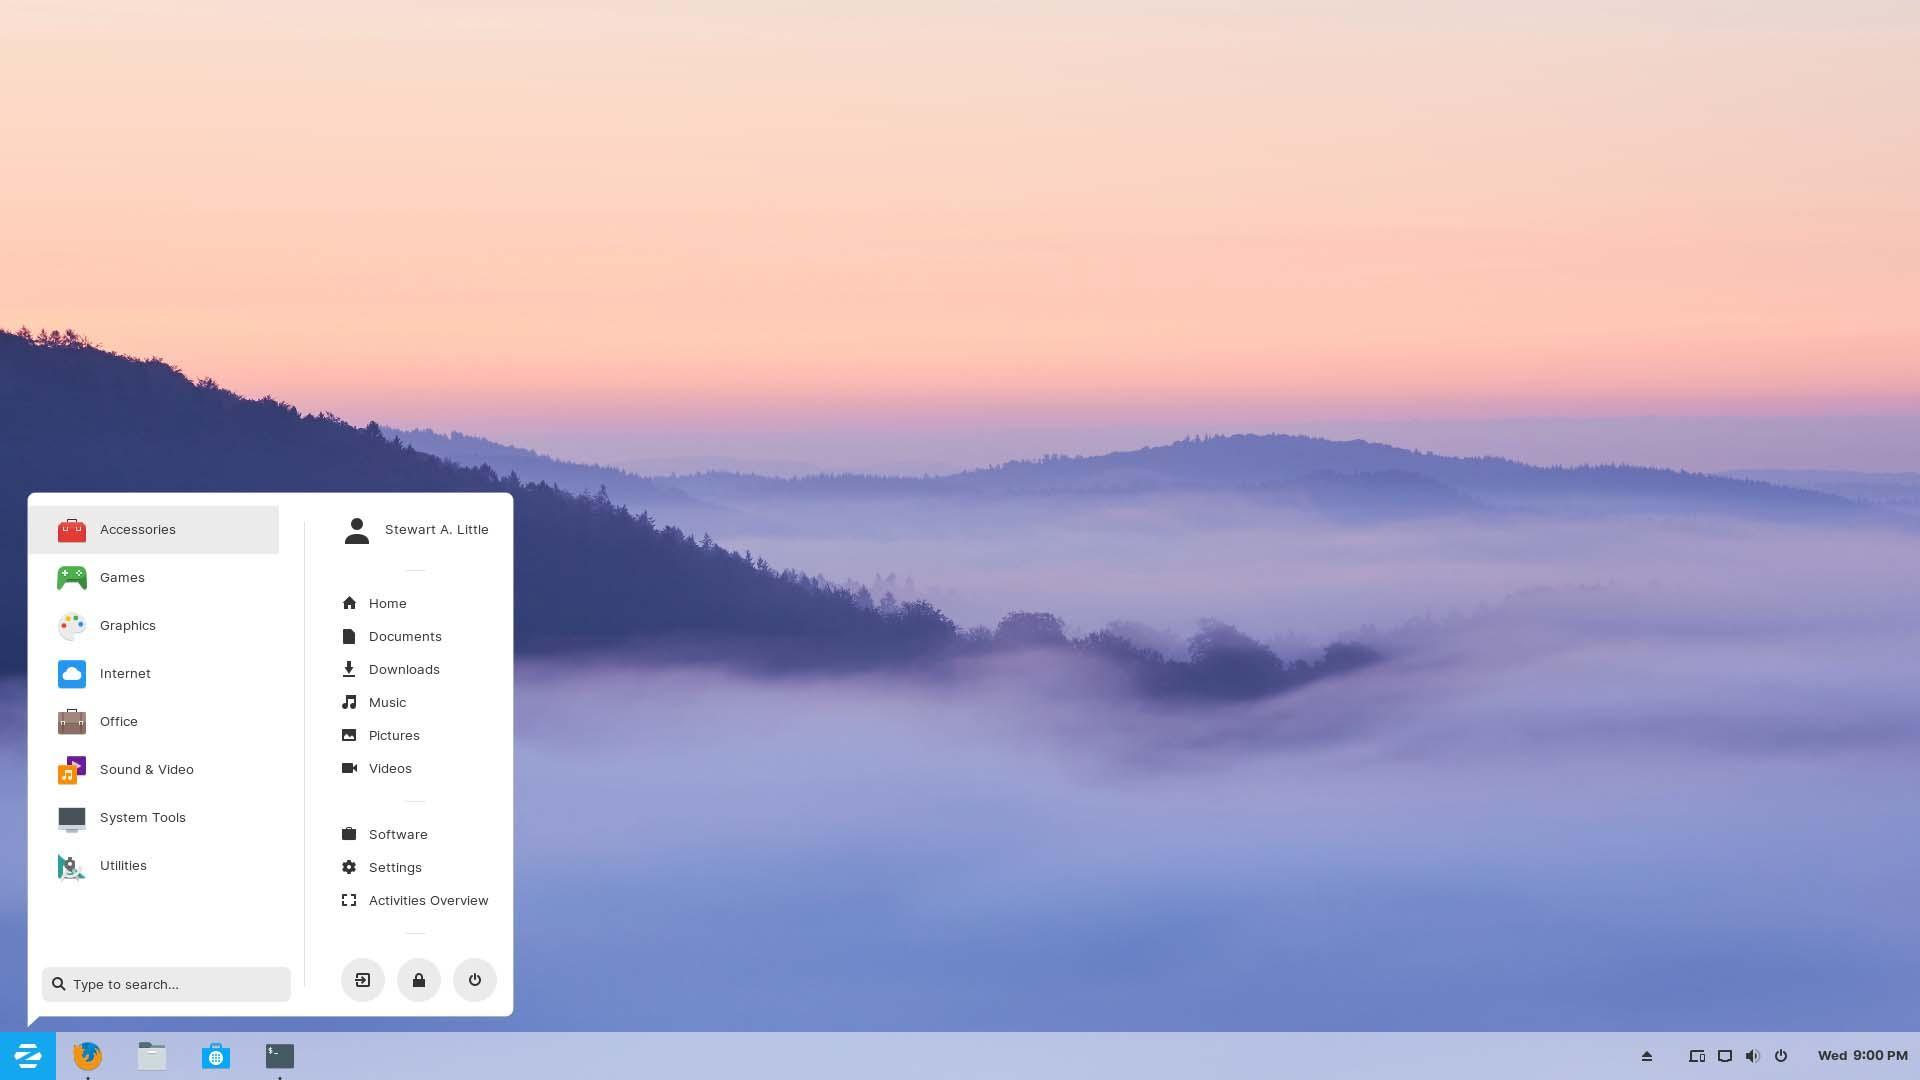 Zorin OS distribuciones de linux